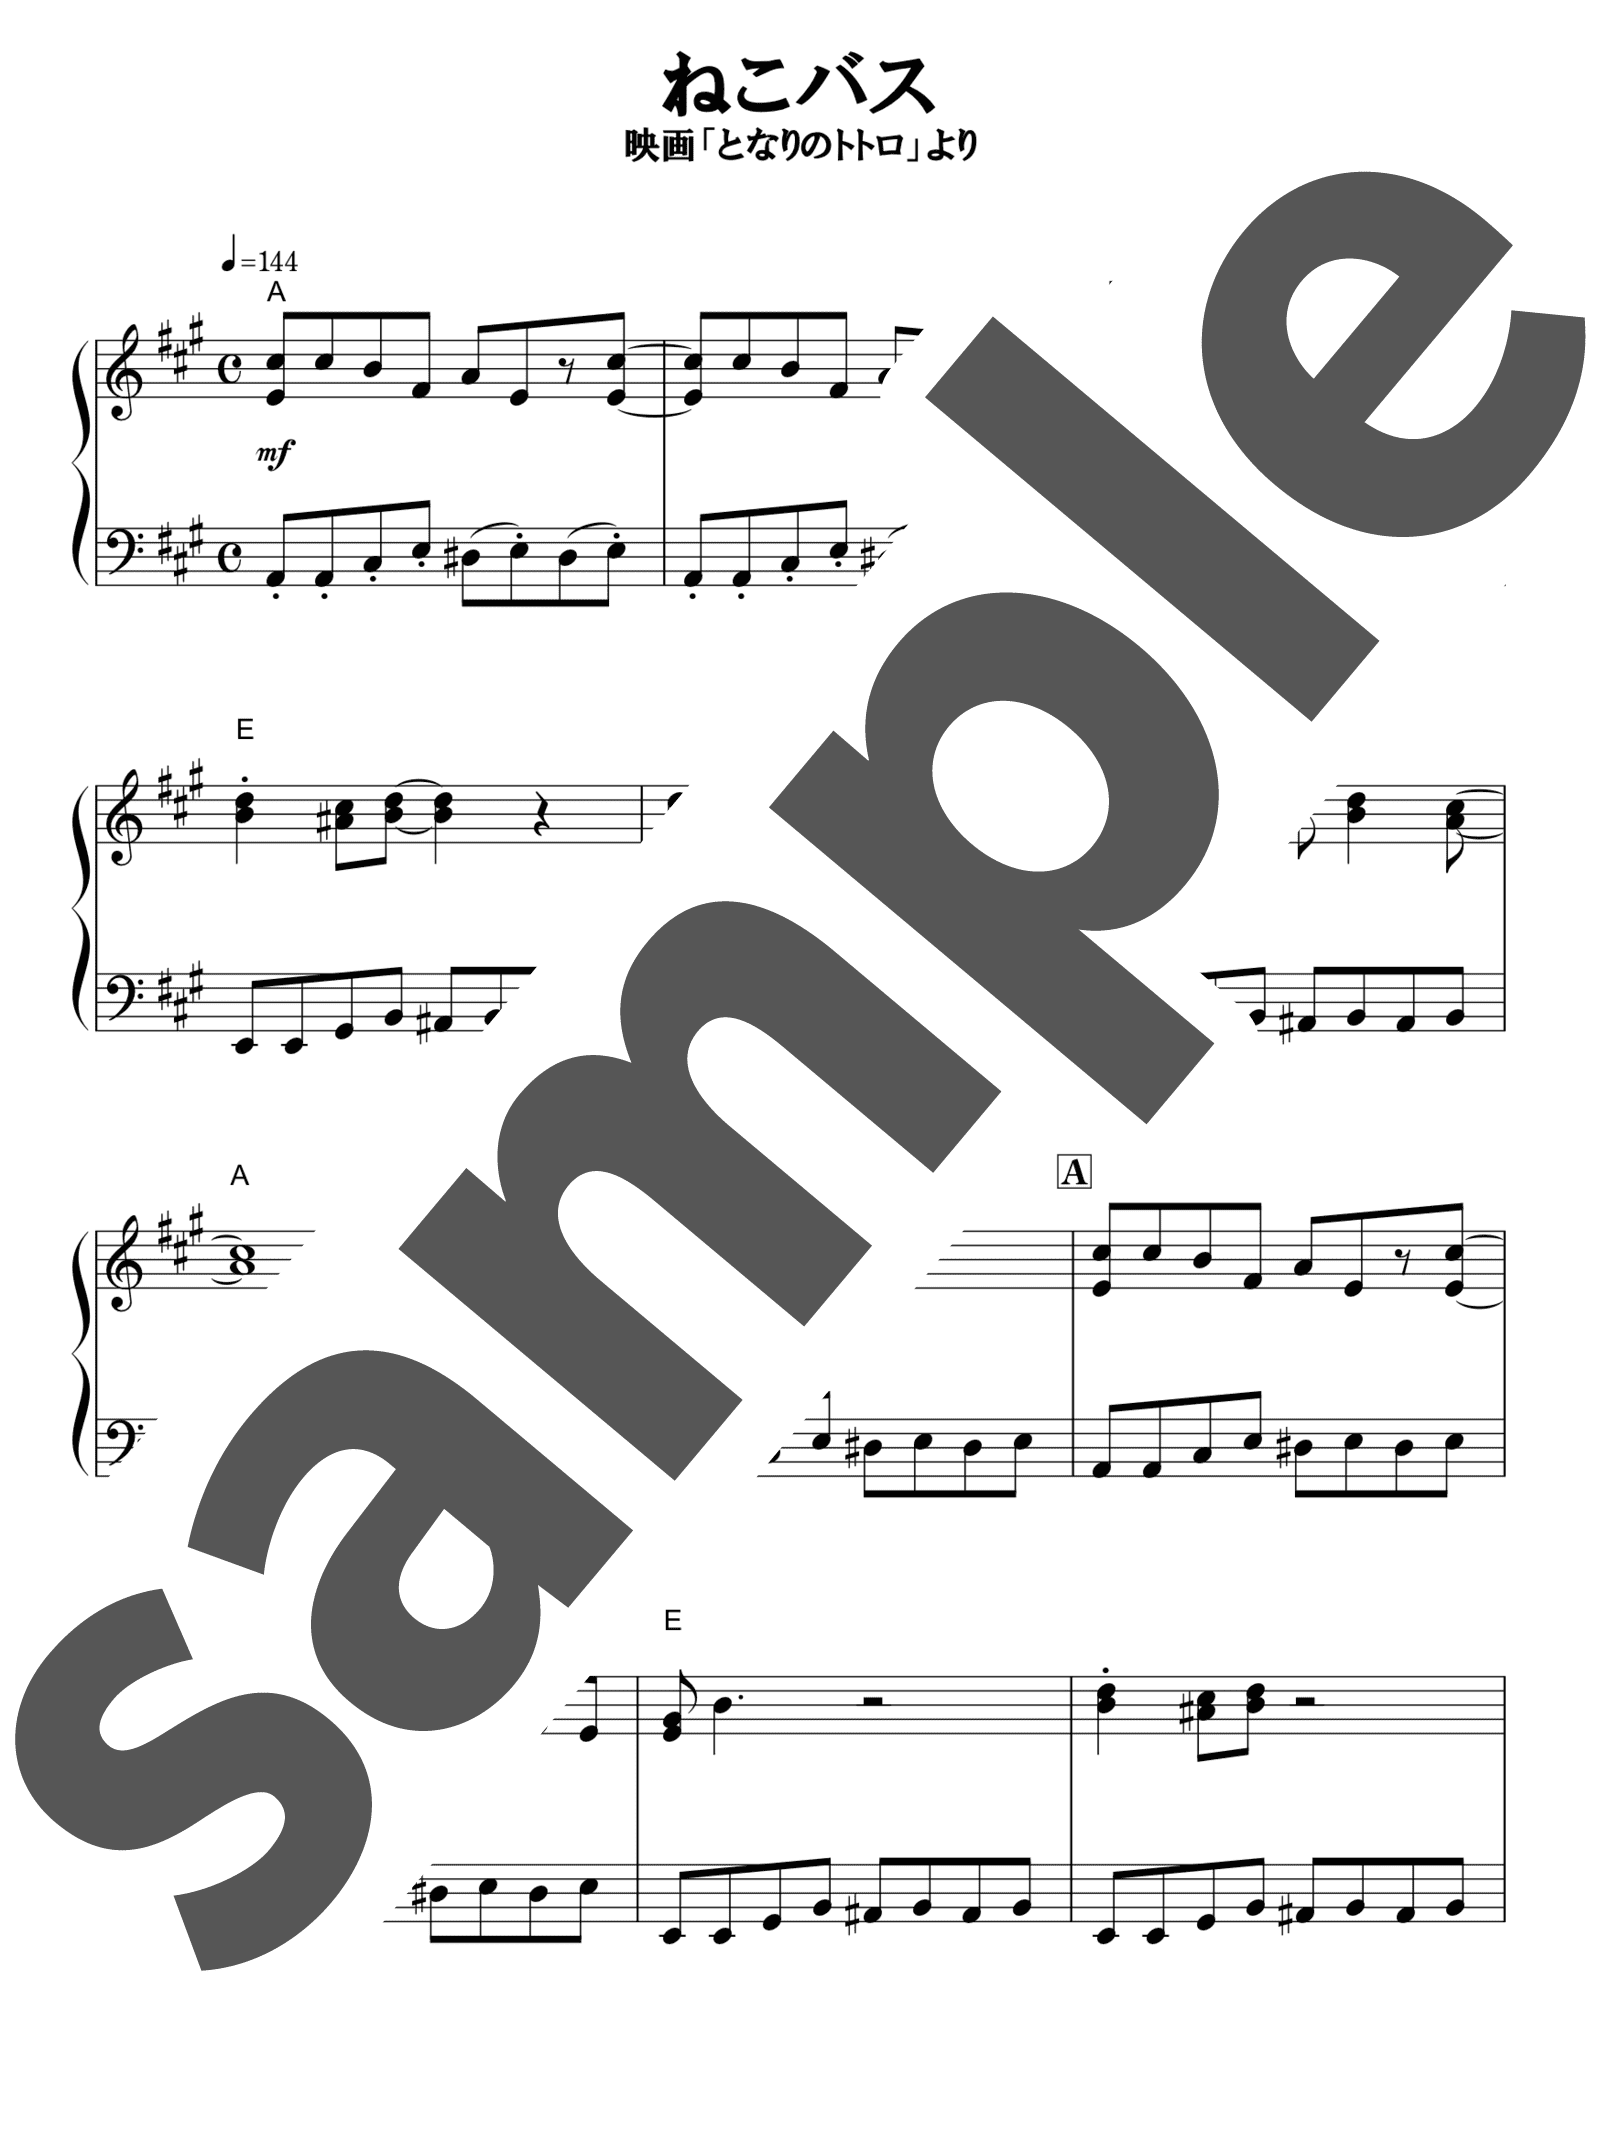 「ねこバス」のサンプル楽譜